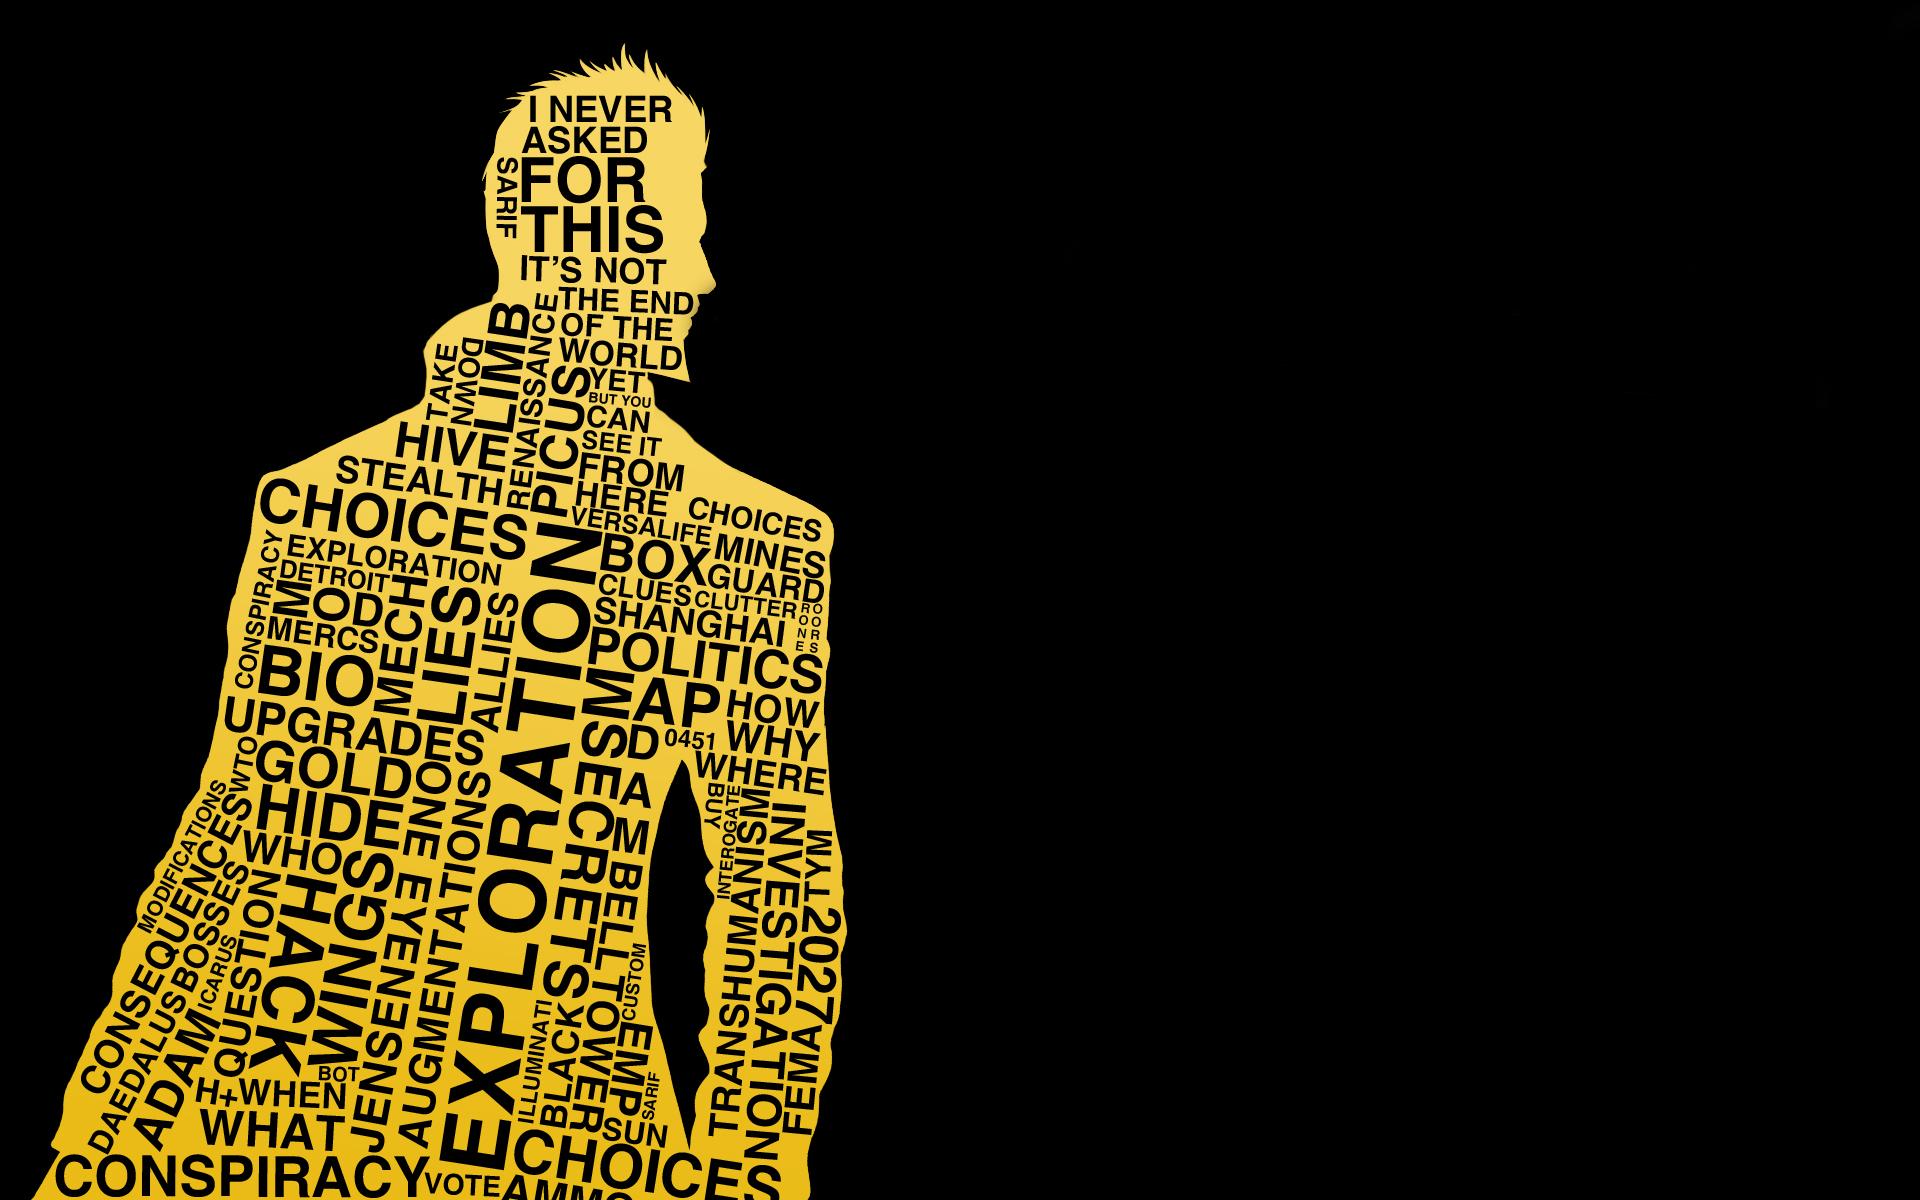 Deus Ex Human Revolution Quotes Wallpaper Deus Ex Computer Wallpapers Desktop Backgrounds